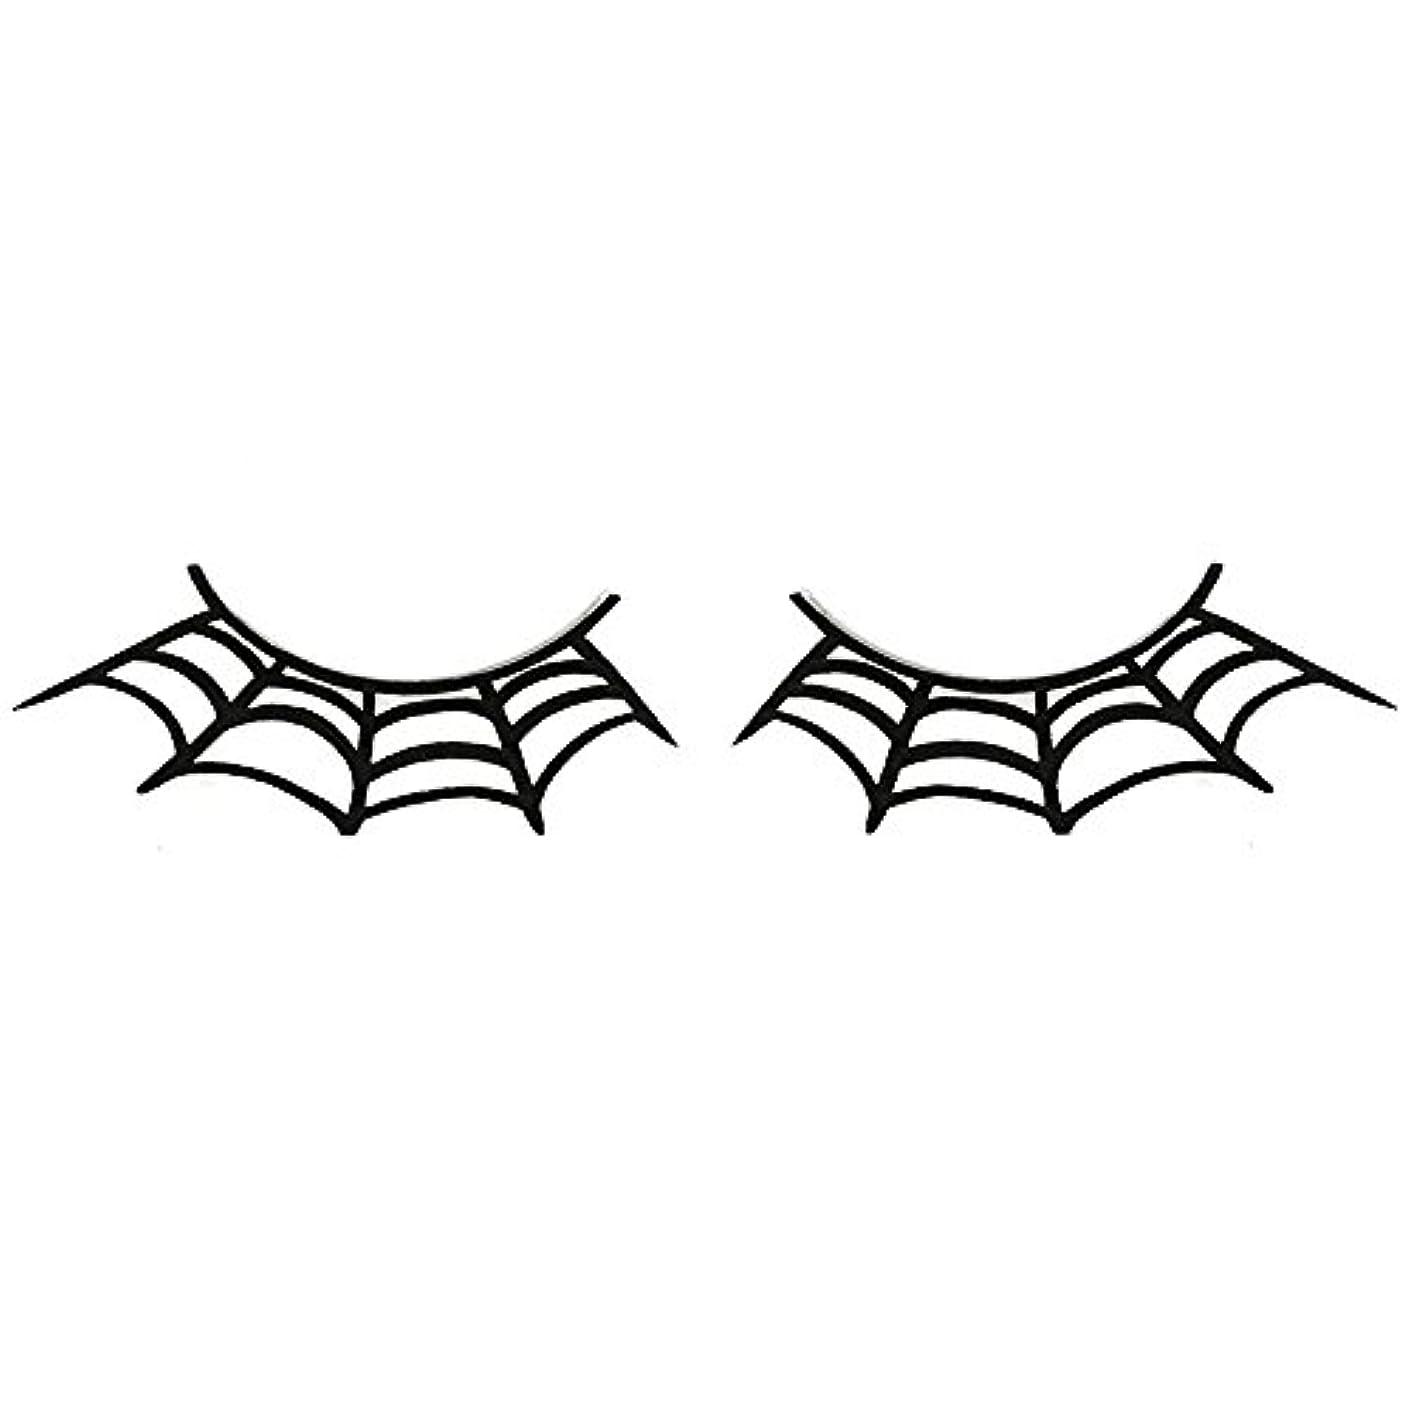 認識神経障害対応蜘蛛の巣アイラッシュ【eyelash ルピス】